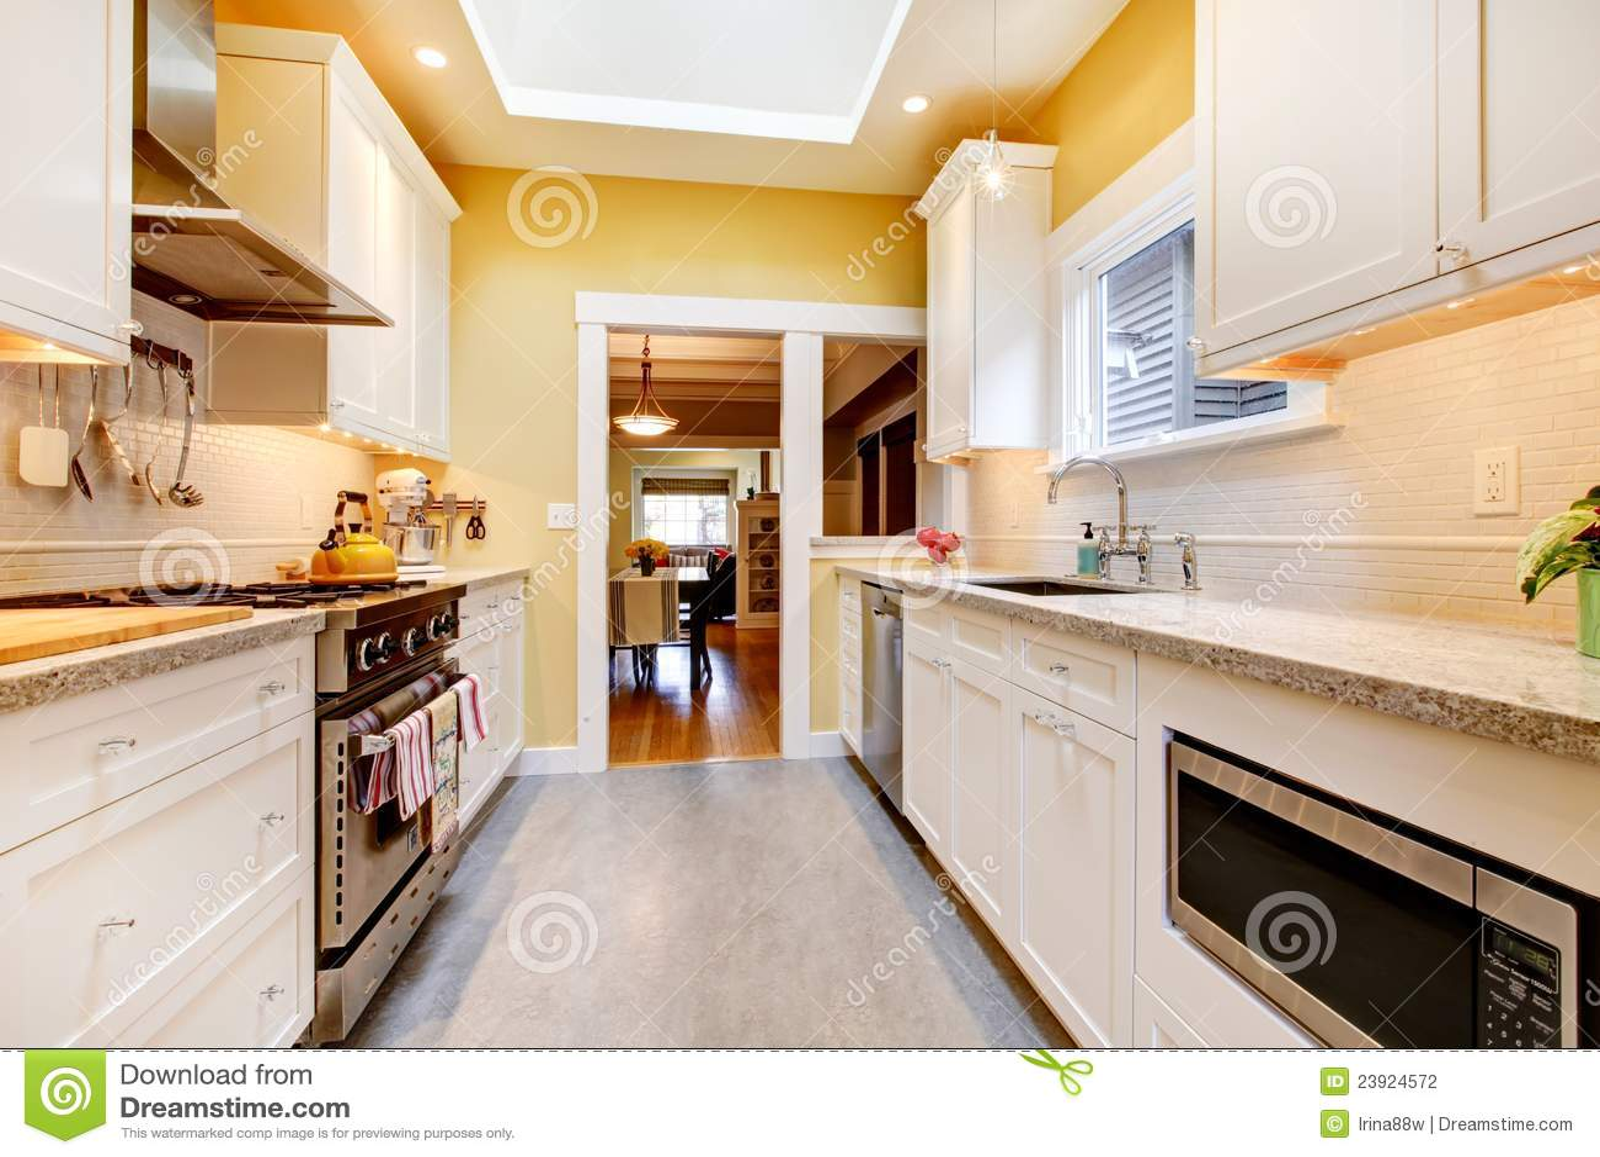 Cozinha Simples Amarela E Branca Com Clarab Ia Foto De Stock